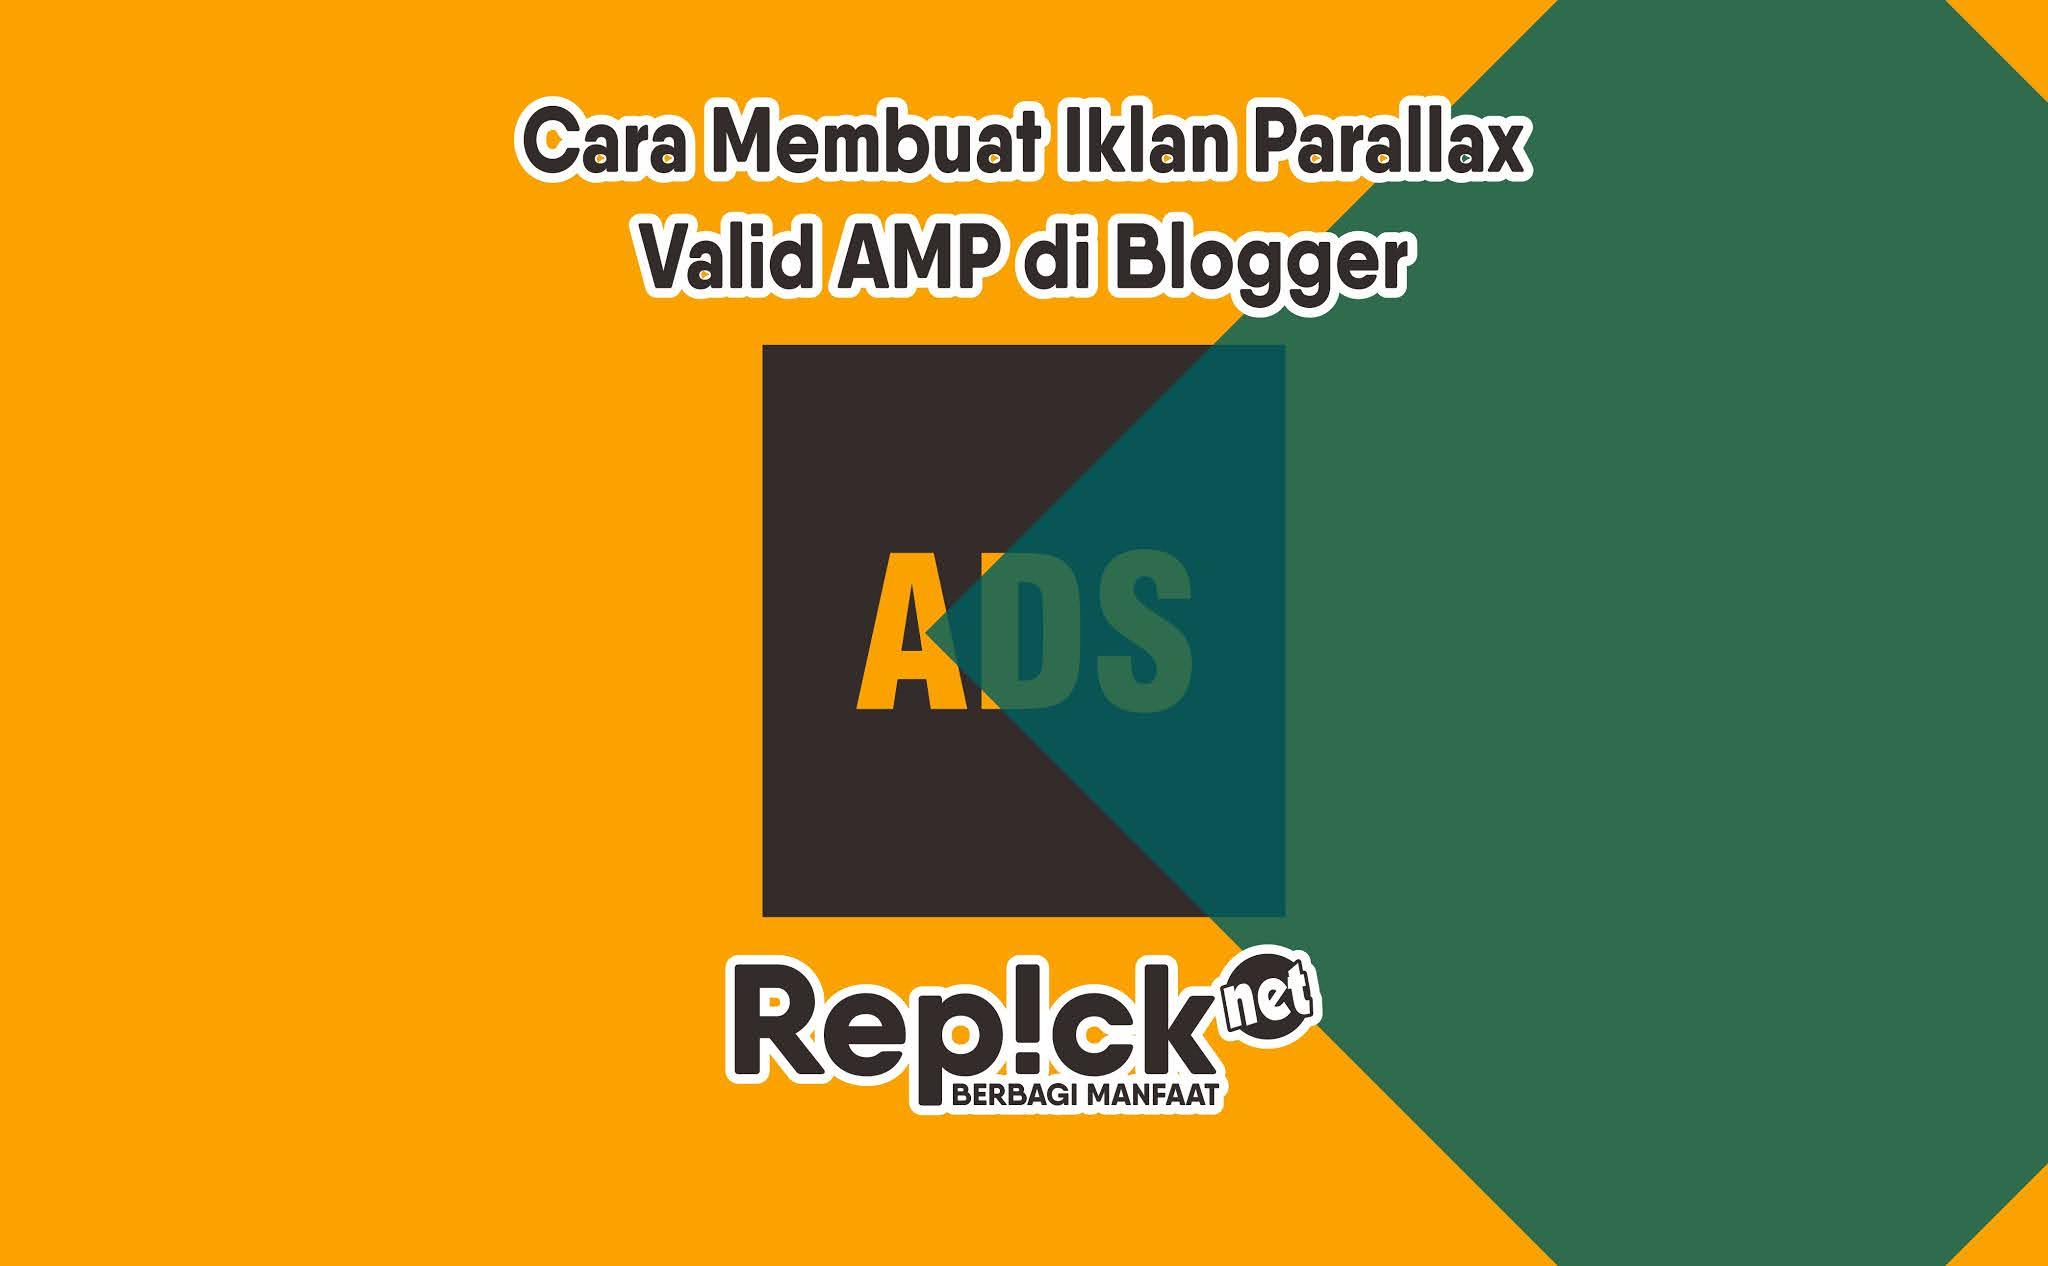 Cara Membuat Iklan Parallax Valid AMP di Blogger